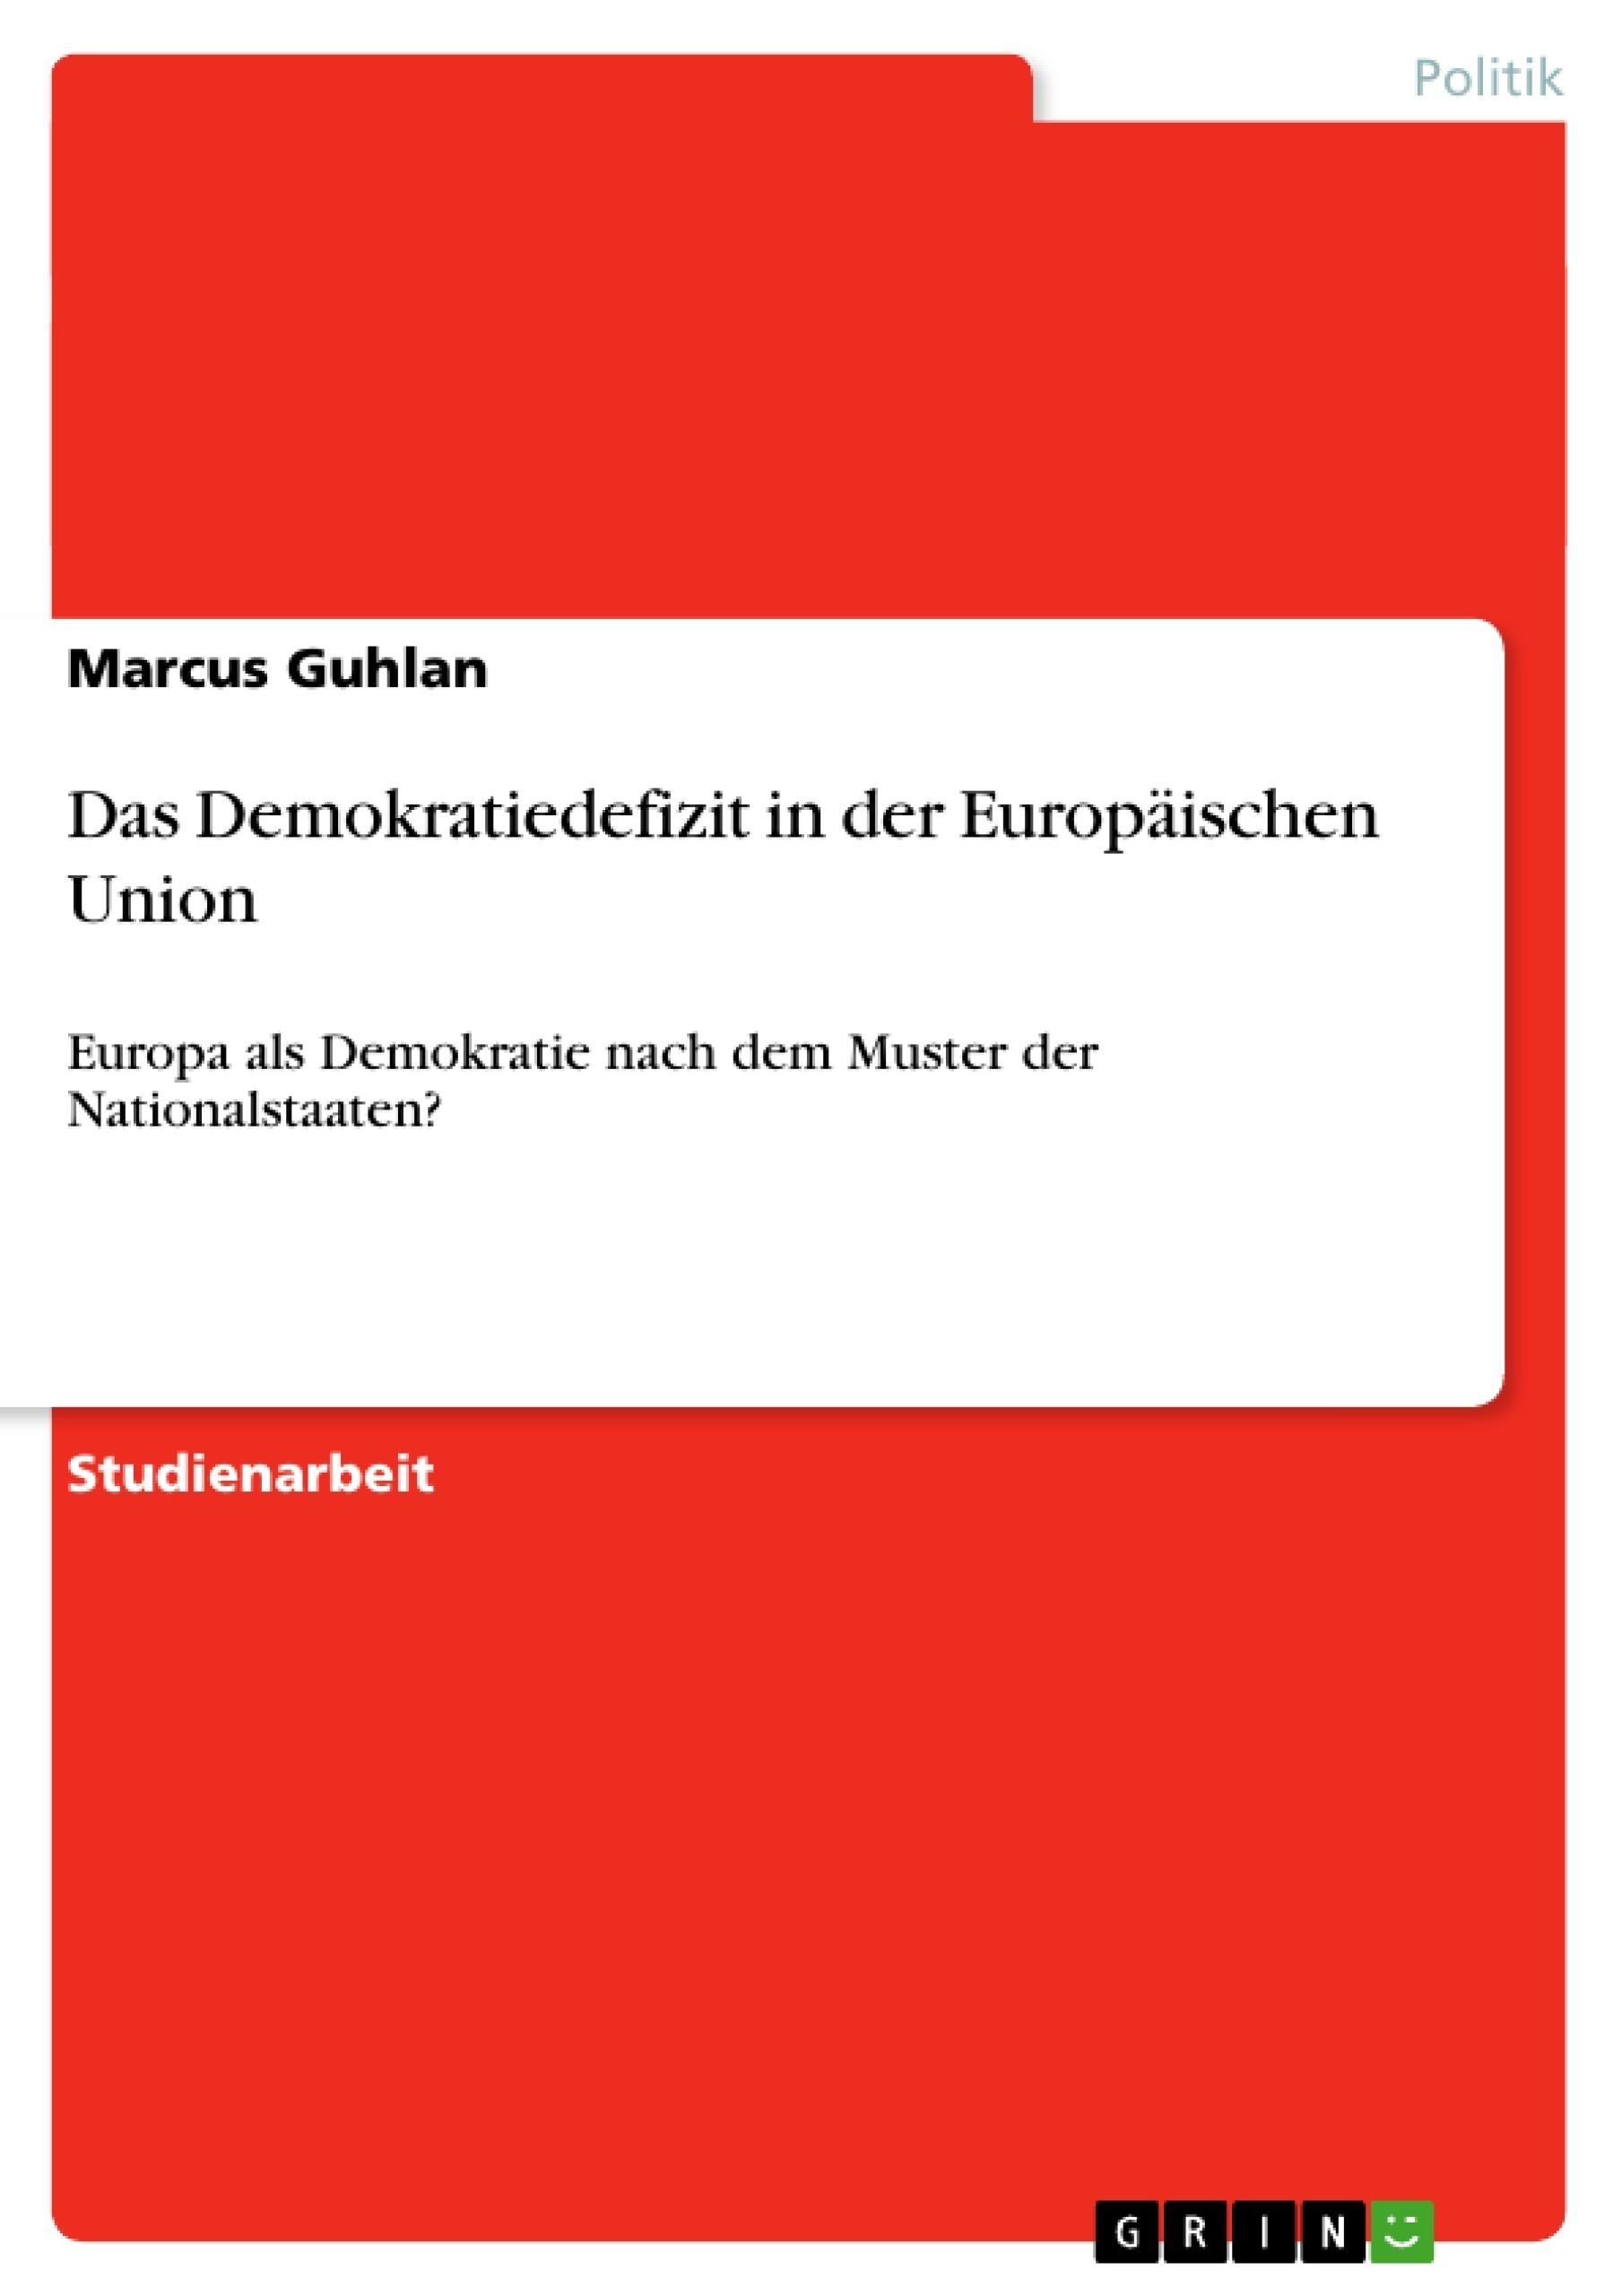 Titel: Das Demokratiedefizit in der Europäischen Union